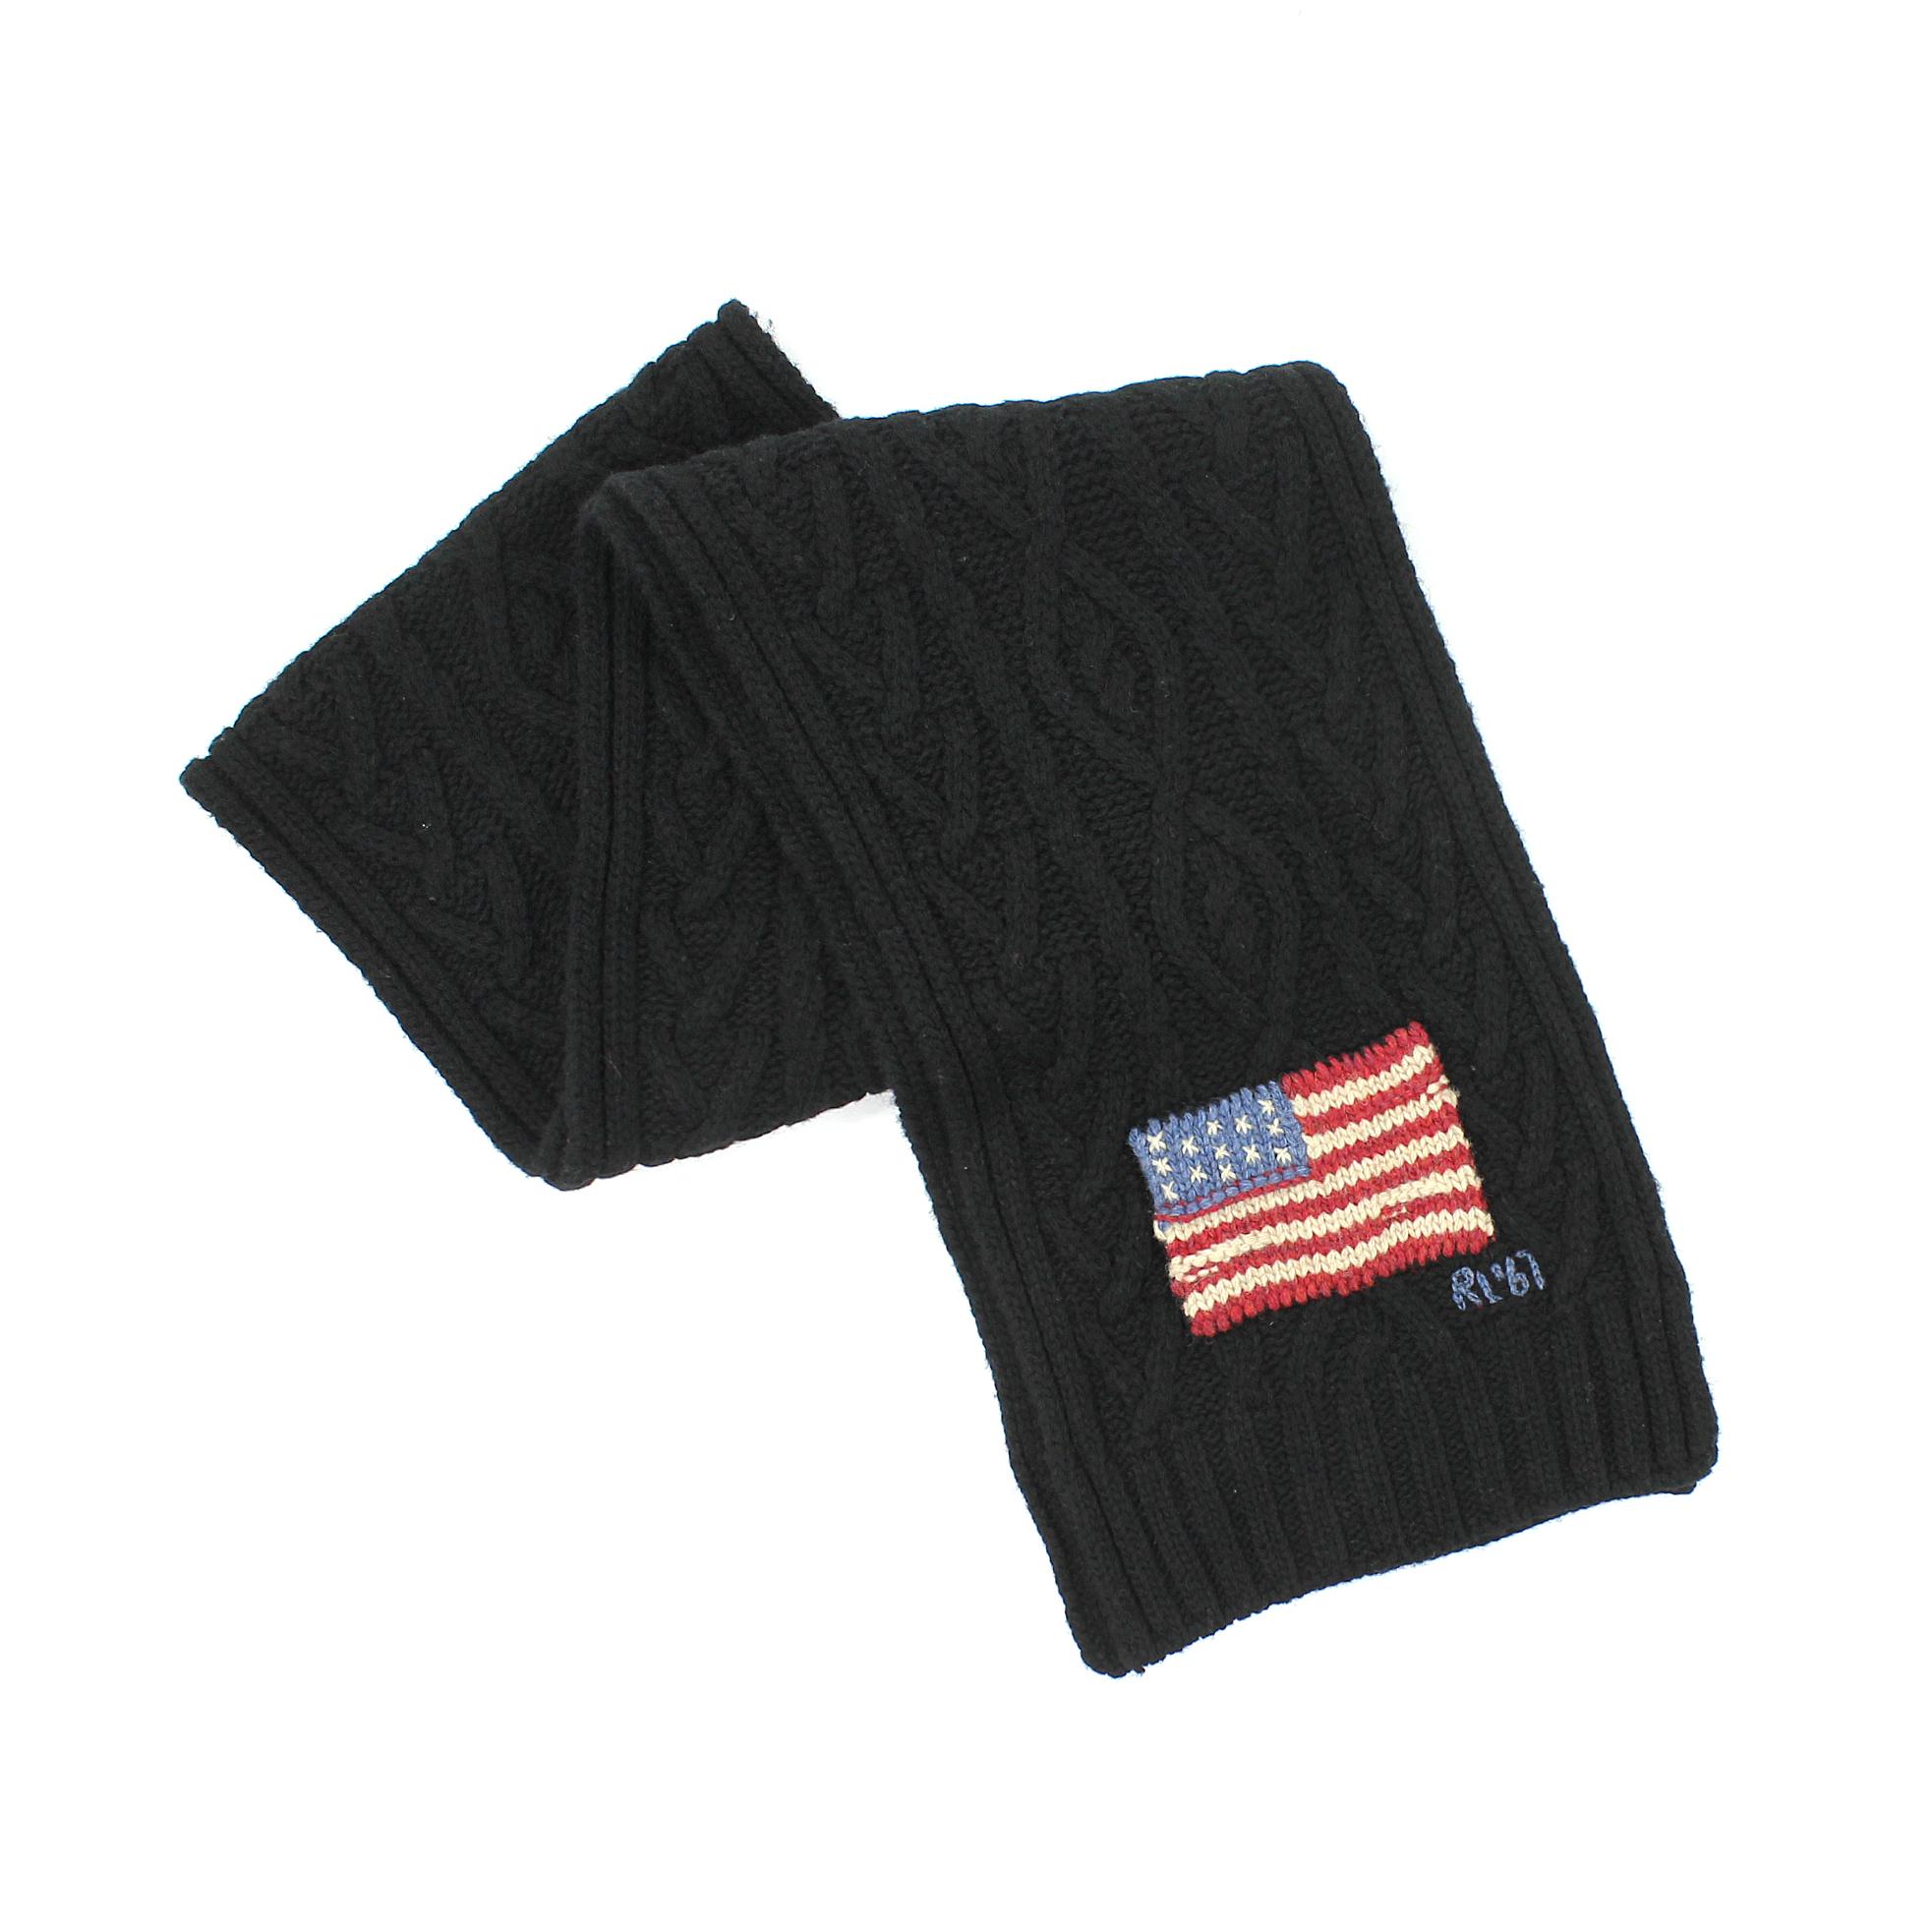 美國百分百【全新真品】Ralph Lauren 圍巾 RL 配件 羊毛 黑 美國 國旗 男 女 保暖 編織 花紋 麻花 E073